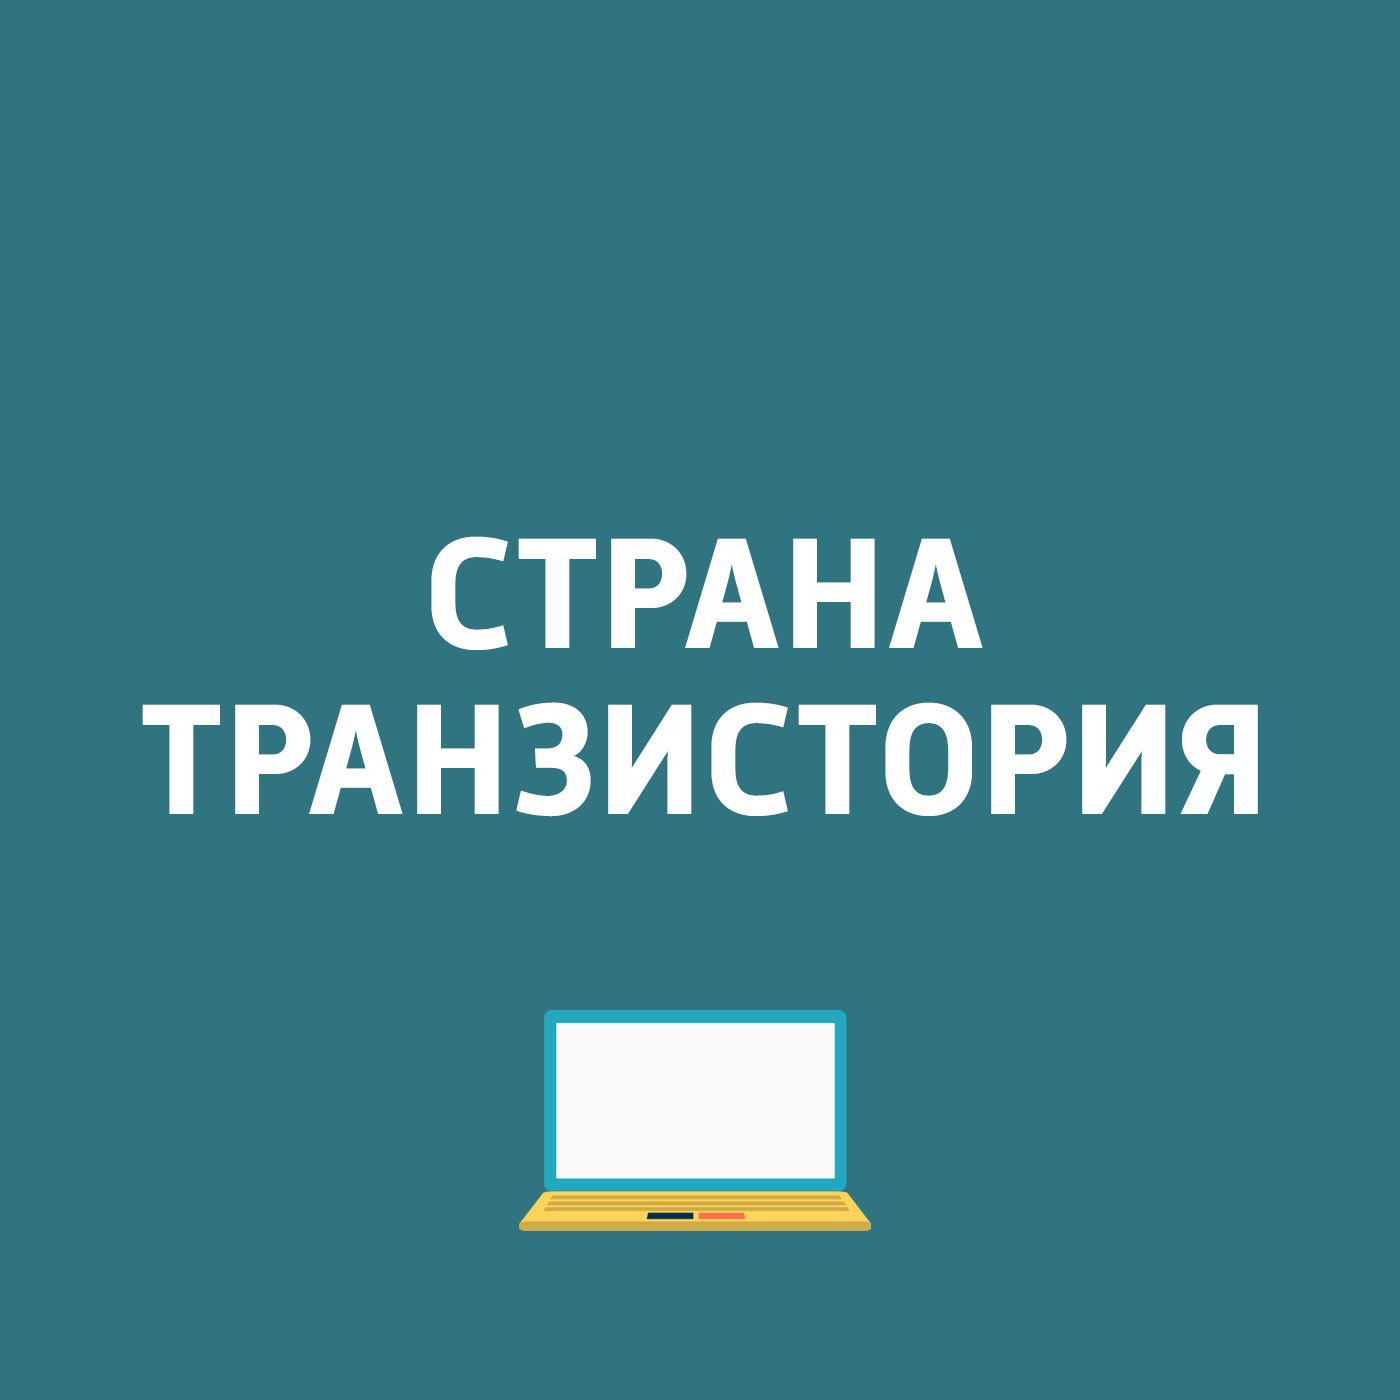 Картаев Павел Обзор новых смартфонов в июне; «Аэрофлот разрешил не выключать гаджеты картаев павел сырники